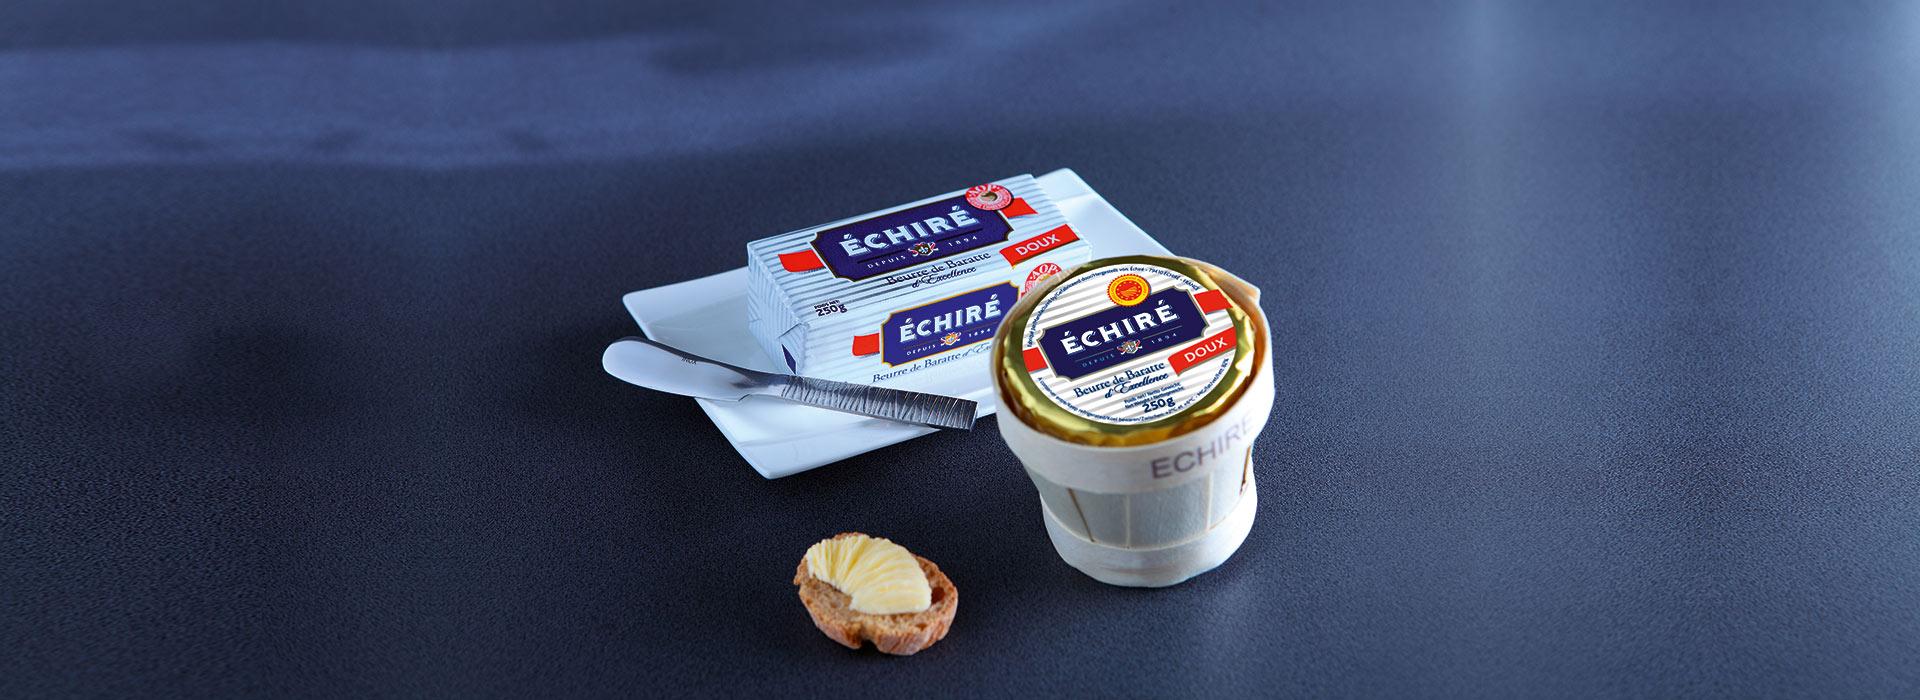 Beurre d'excellence Echiré - Beurre premium - Depuis 1894 - Echiré